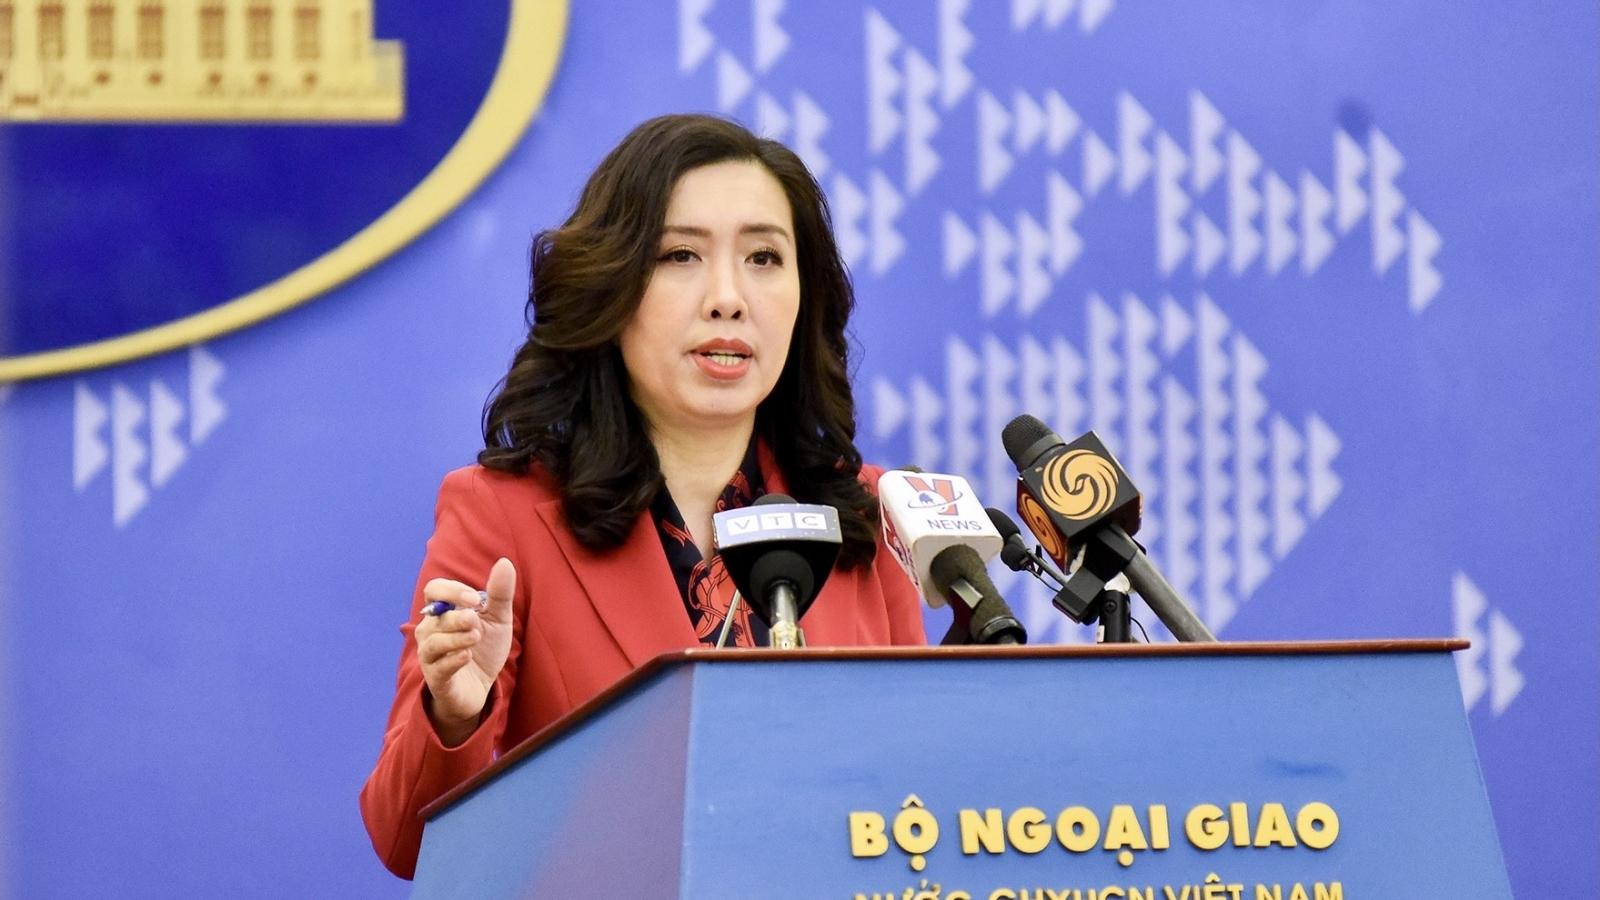 Giao dịch thương mại Việt Nam-Iran không trái nghị quyết của HĐBA Liên Hợp Quốc